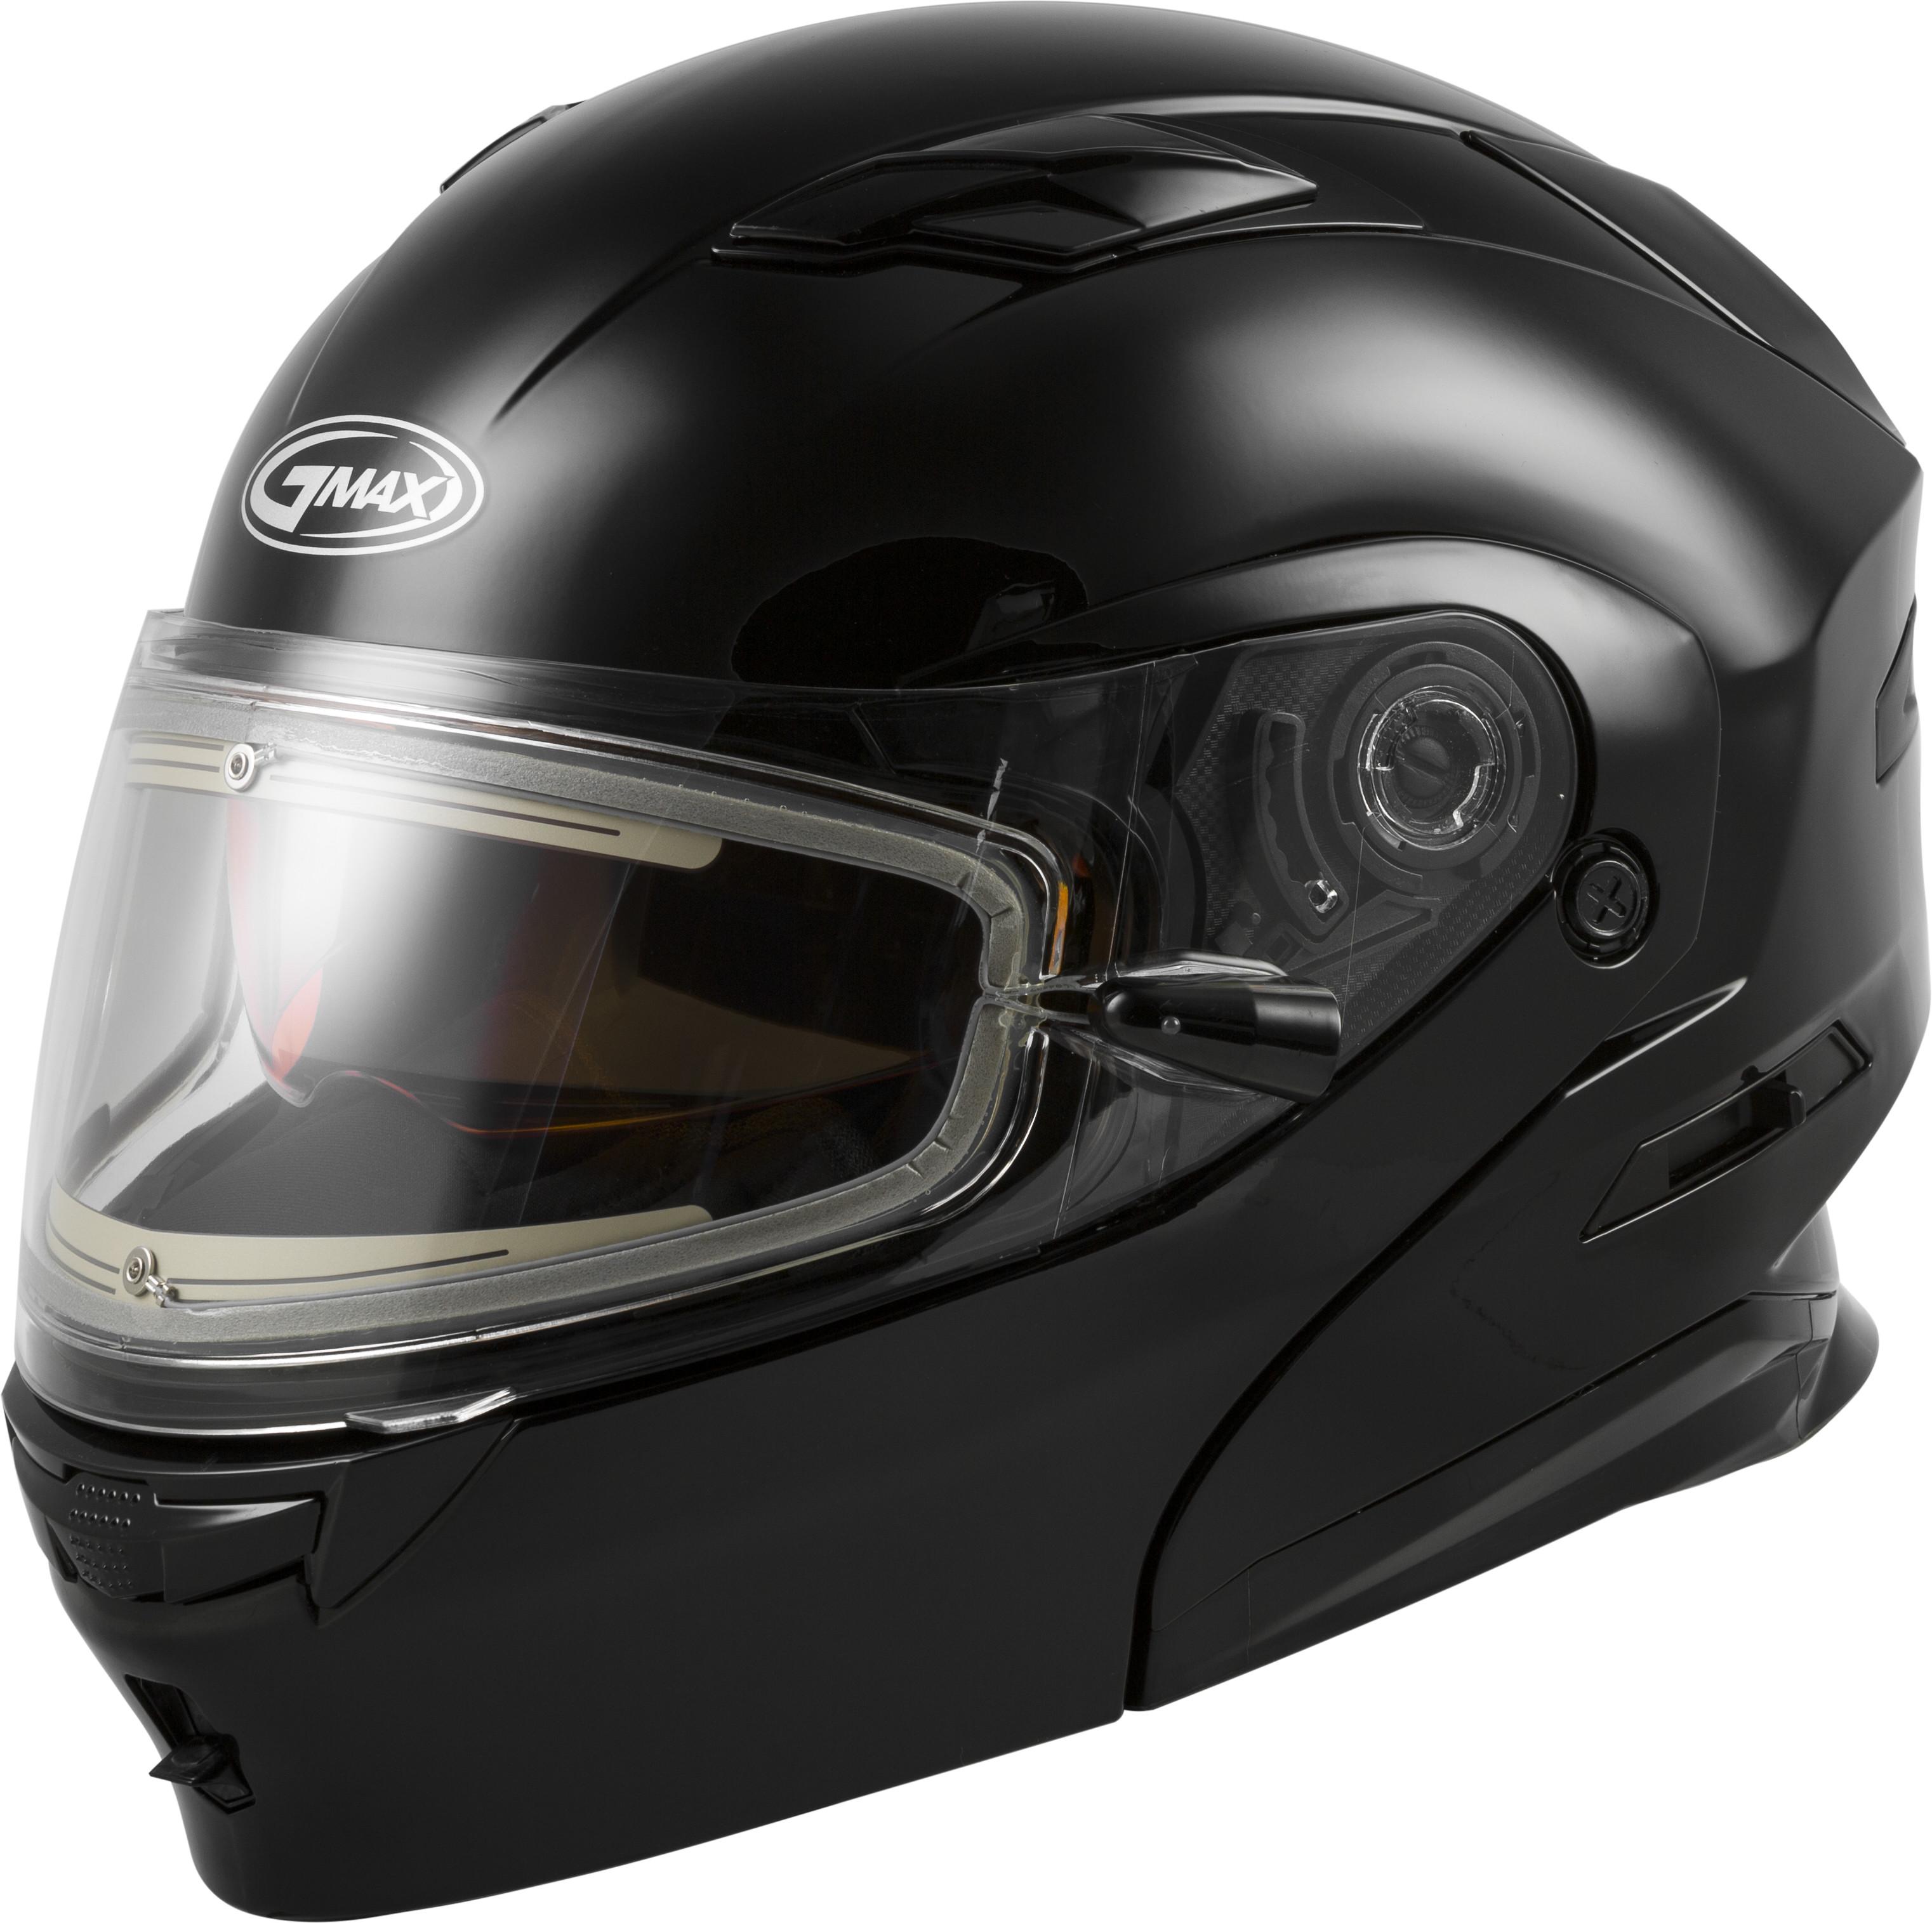 MD-01S MODULAR Snow Helmet,  W Electric SHIELD 72-6278L